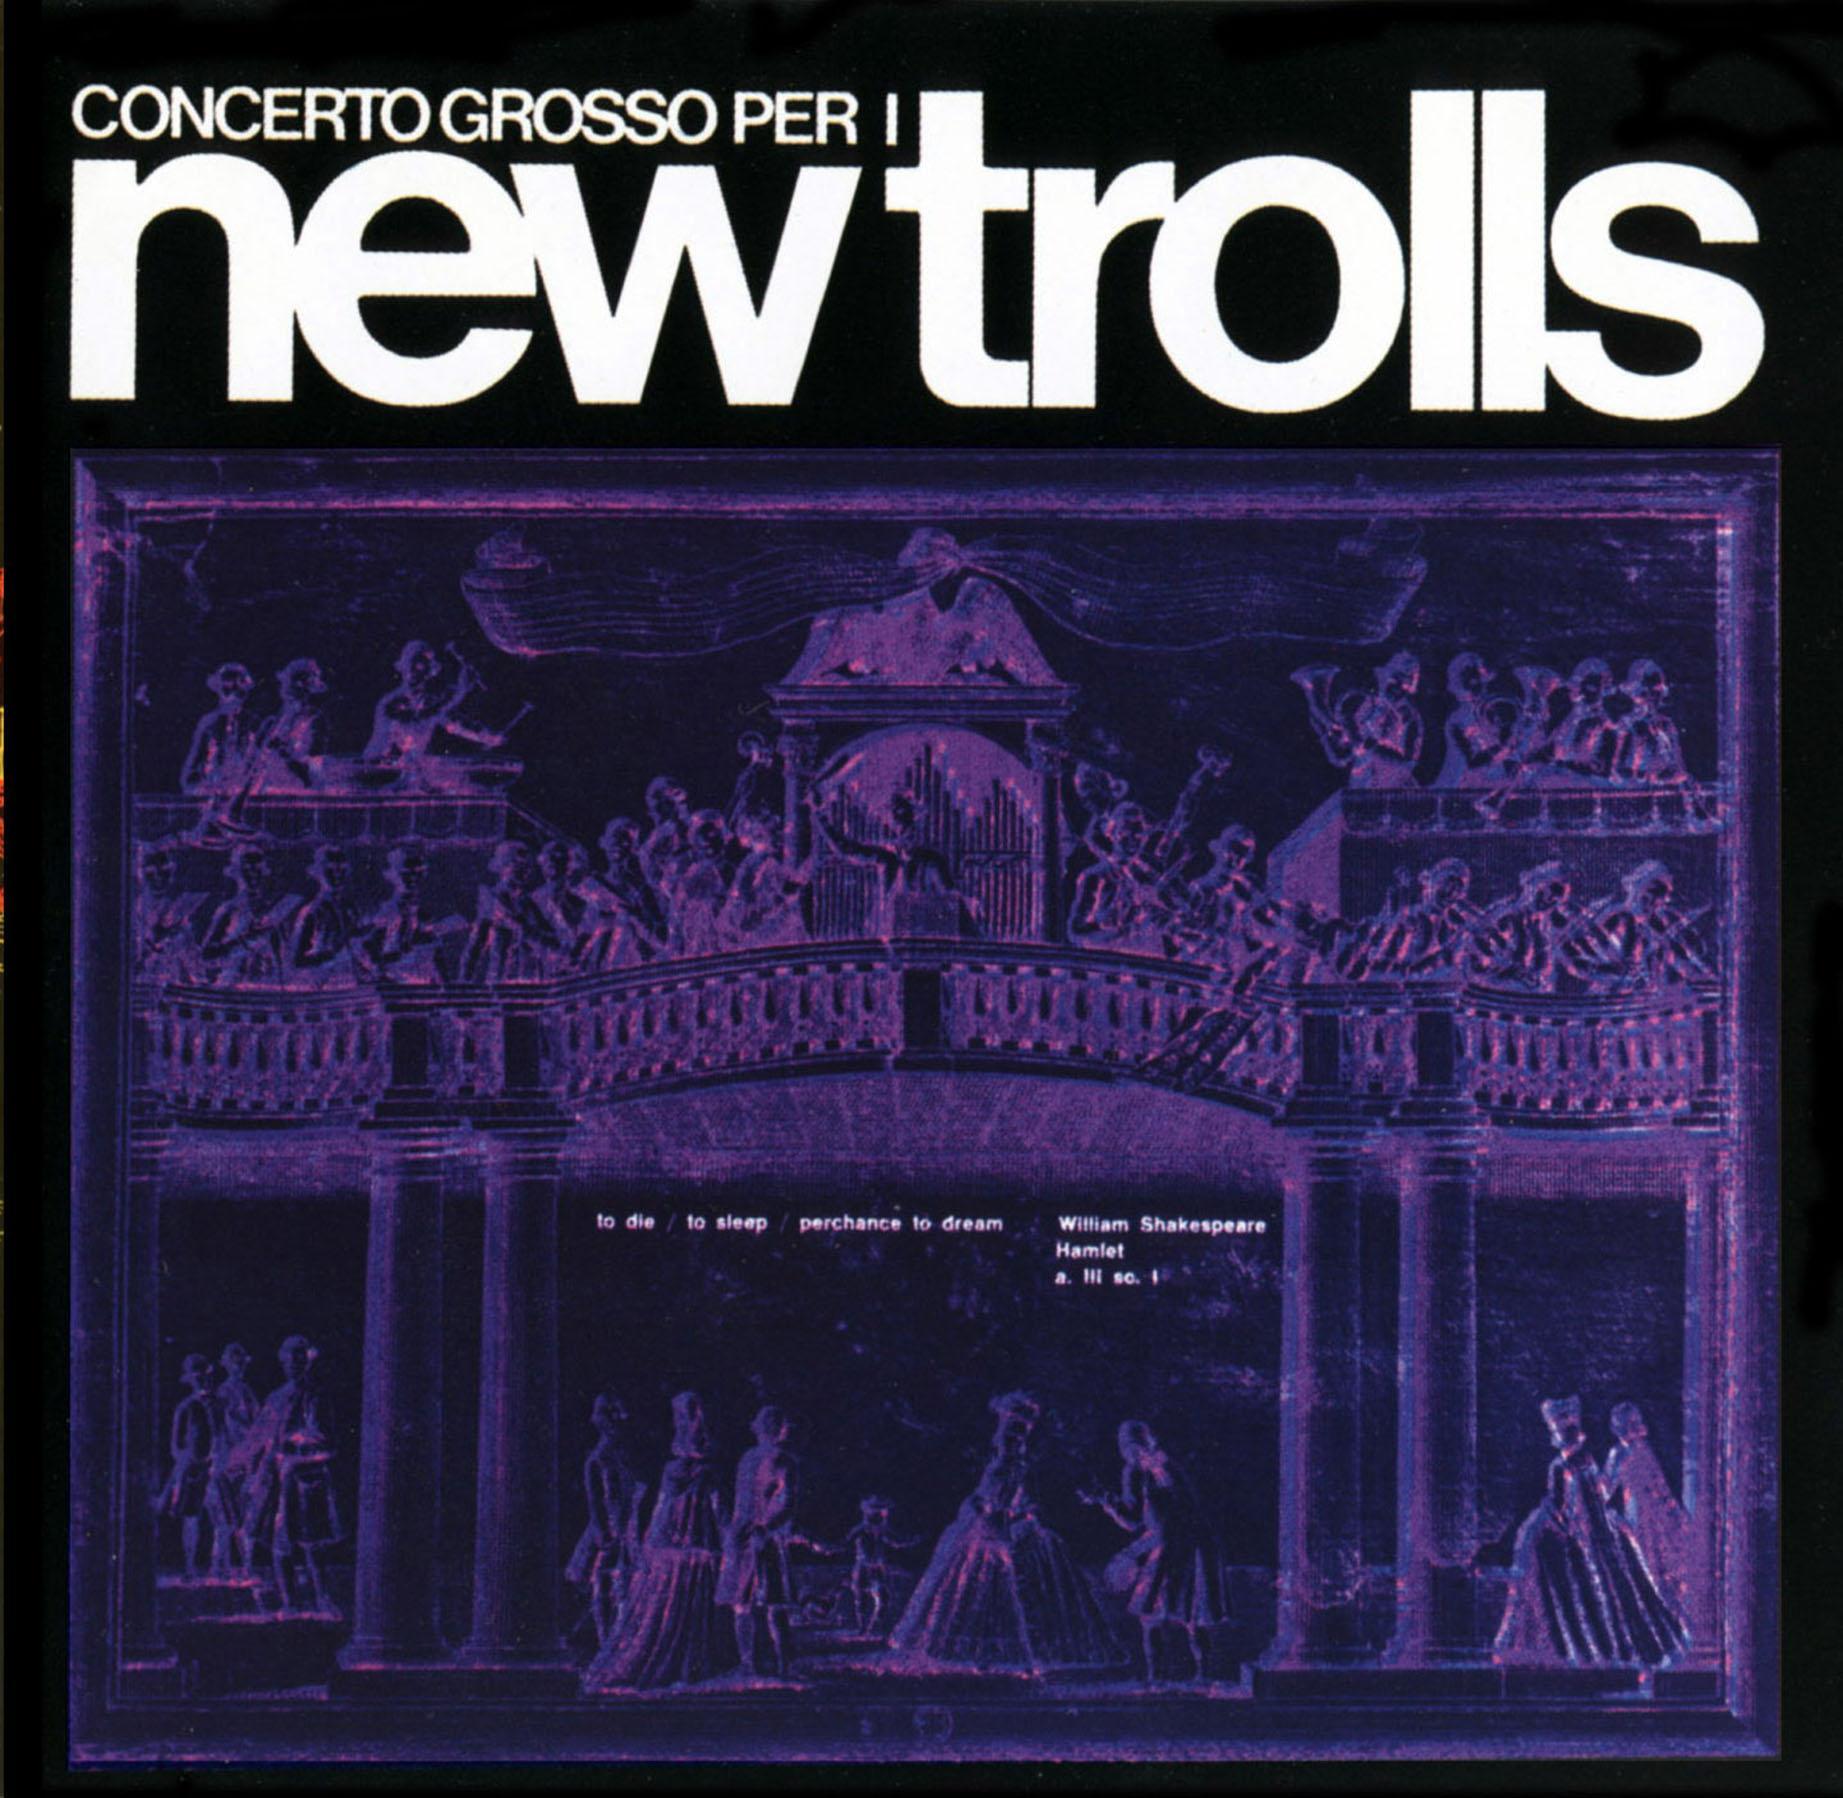 Concerto Grosso New Trolls quadrato